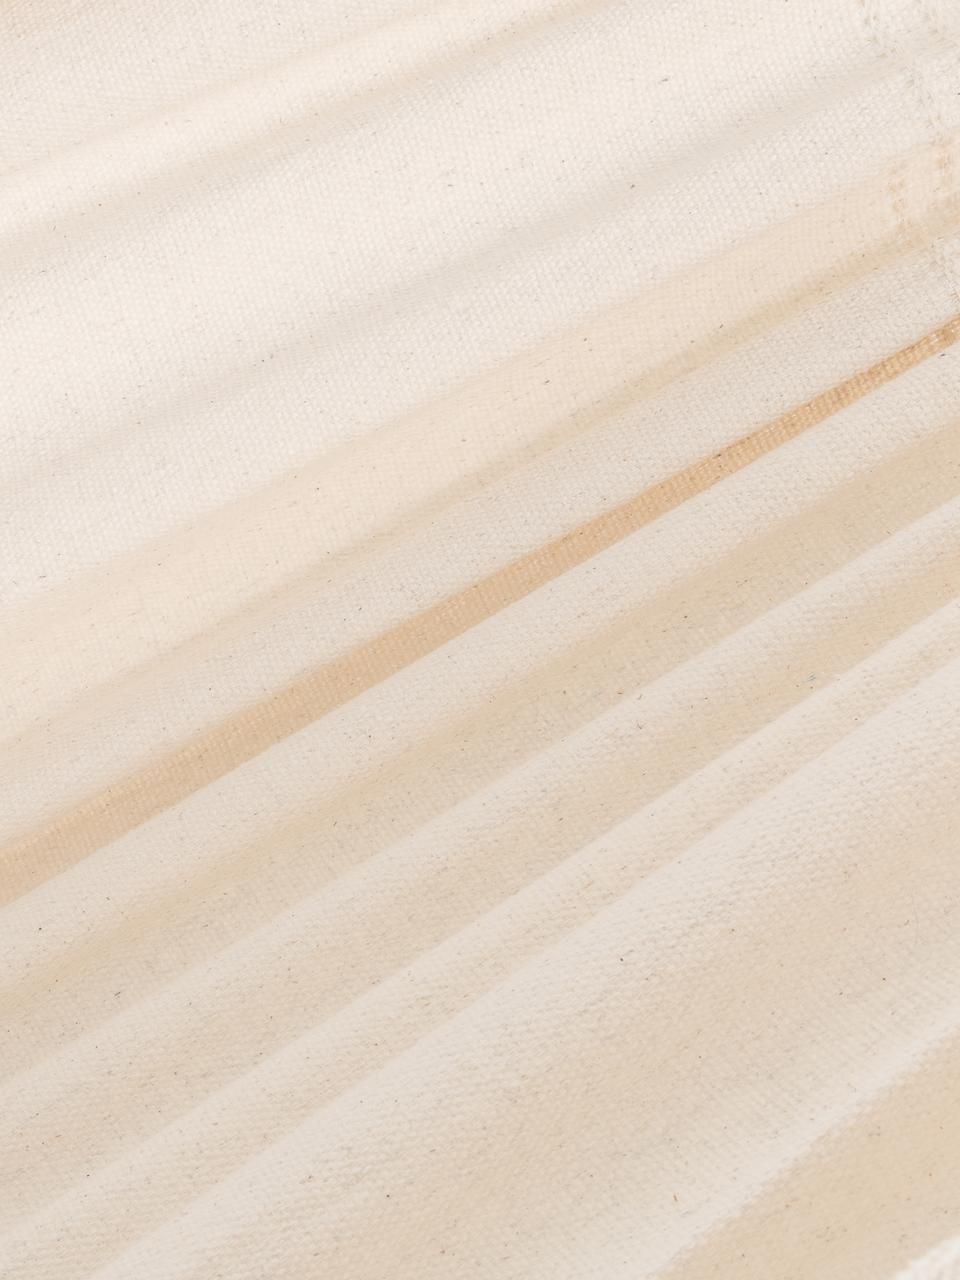 Hängematte Barbados aus Baumwolle, Beige, 150 x 340 cm